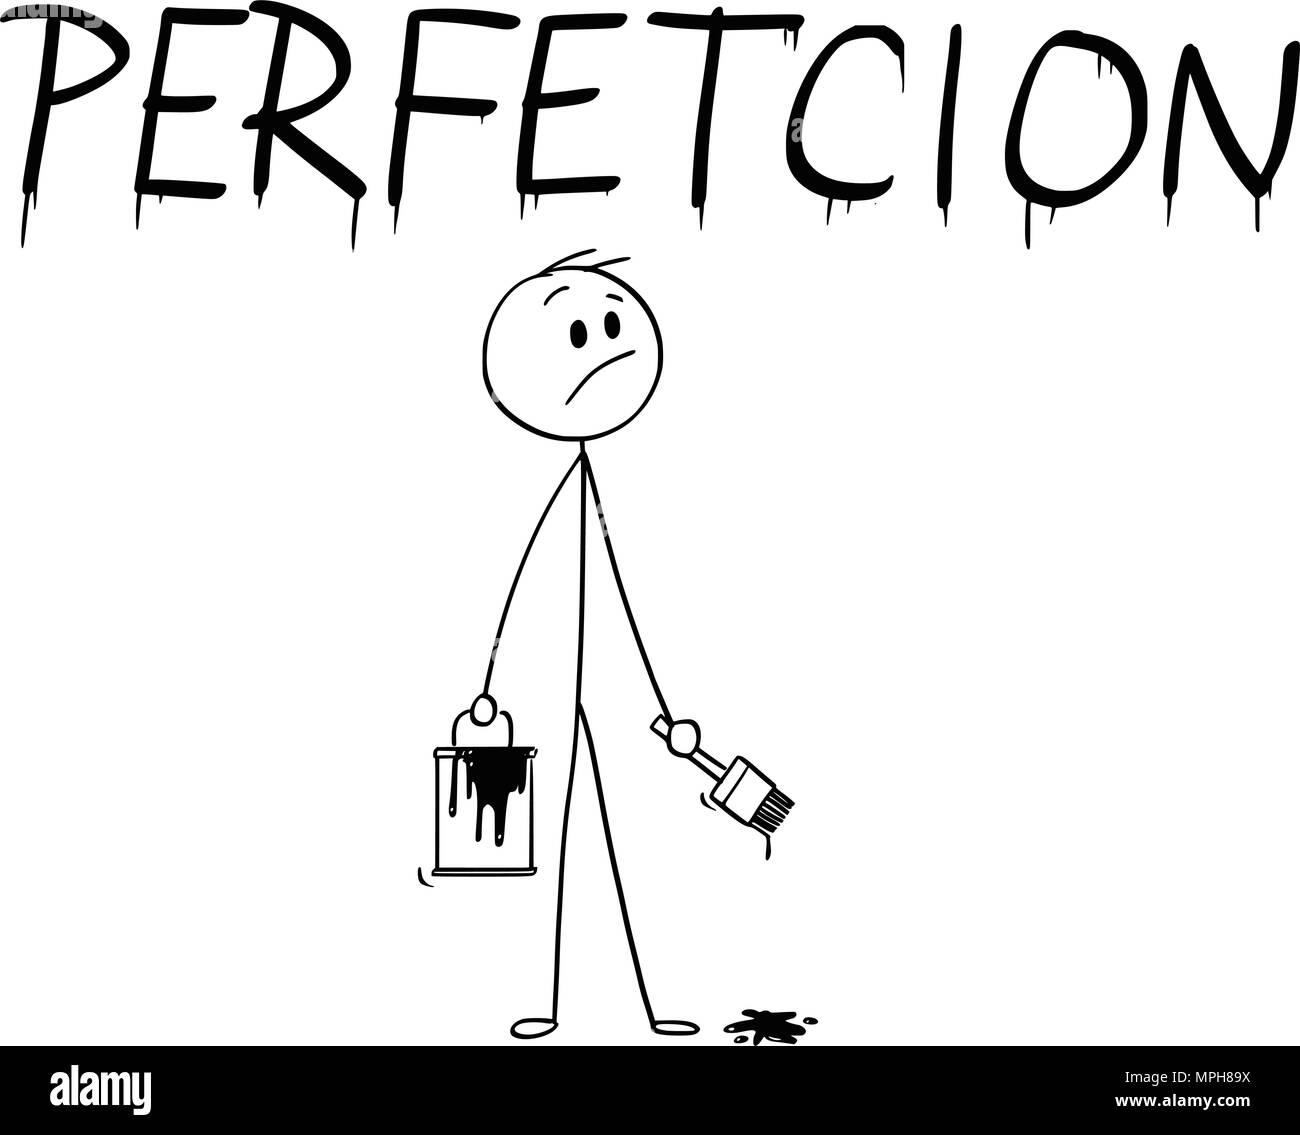 Cartoon von Geschäftsmann mit Pinsel und Farbe kann Malerei das Wort Perfektion mit Rechtschreibfehler Stockbild